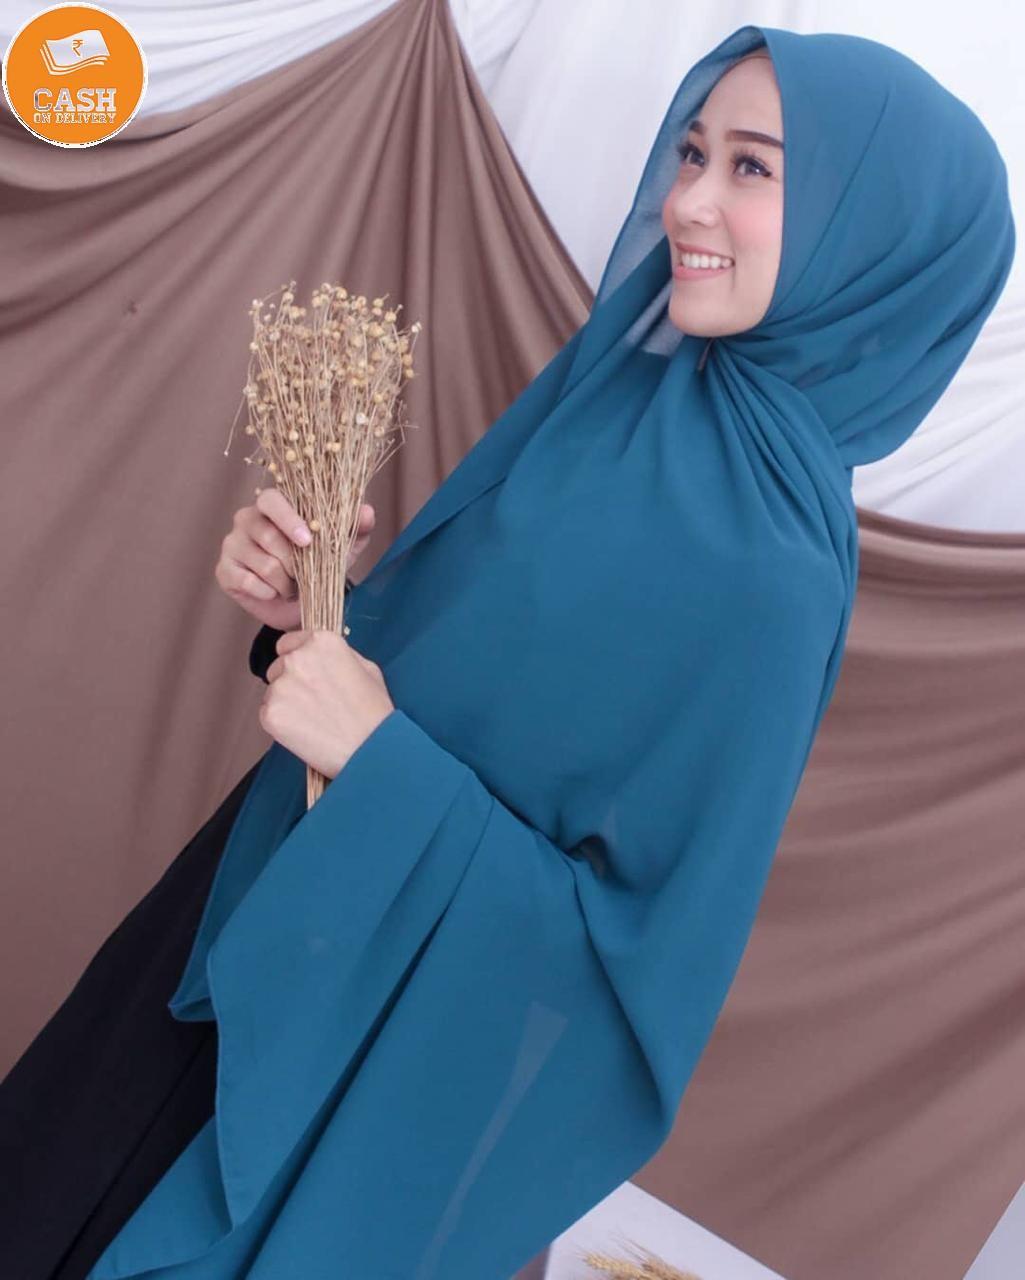 Hijab Pashmina / Jilbab Pasmina / Kerudung Pashmina / Pashmina Sabyan / Pashmina Diamond Stretch - Suryani Collection/hijab instan/hijab instan kekinian/hijab segi empat/hijab syari/hijab pasmina/kerudung pasmina/kerudung segi empat